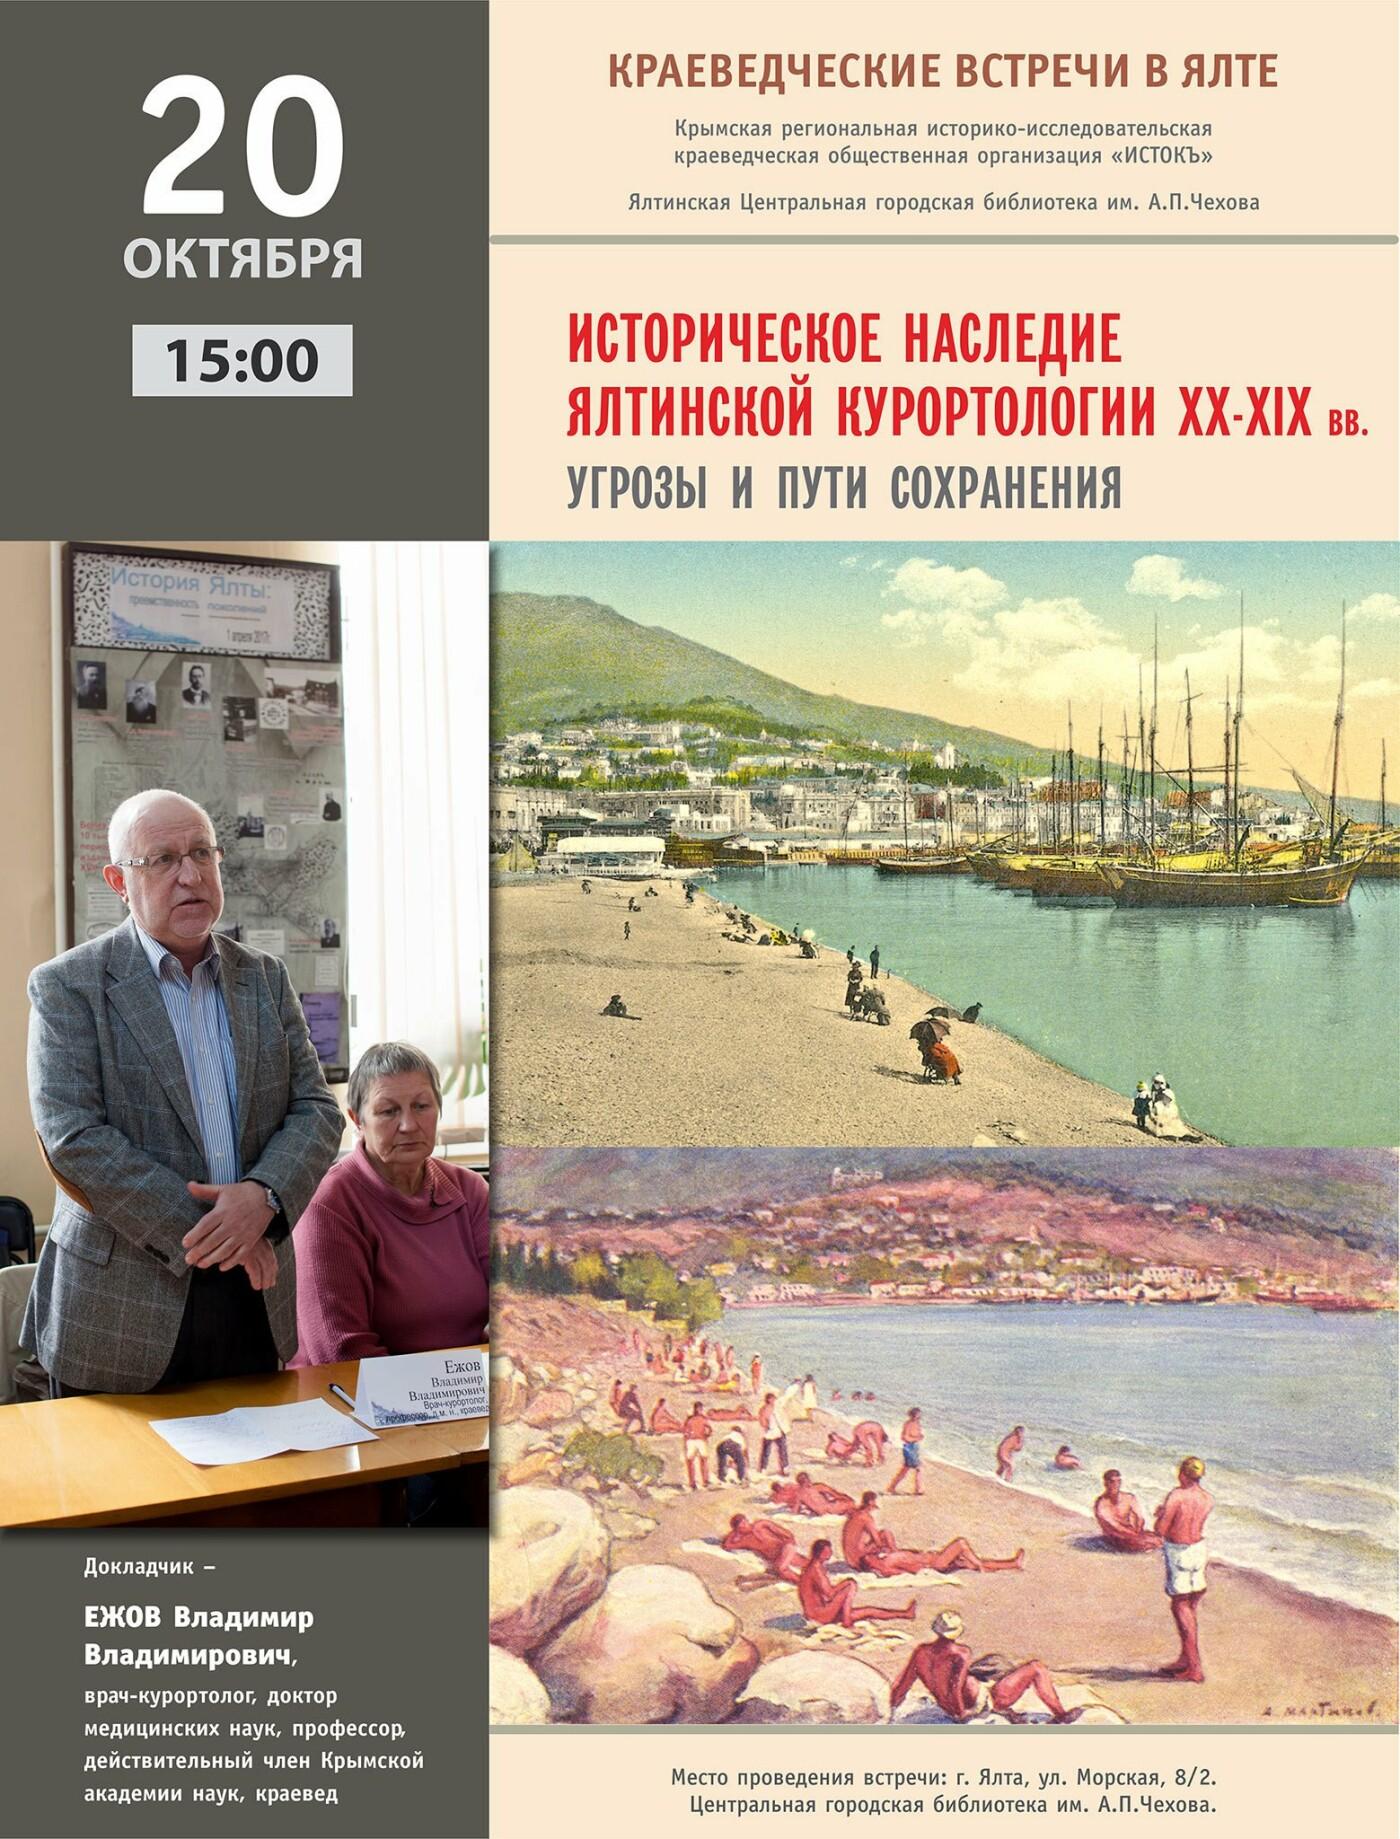 В Ялте на краеведческой встрече обсудят историческое наследие курортологии, фото-1